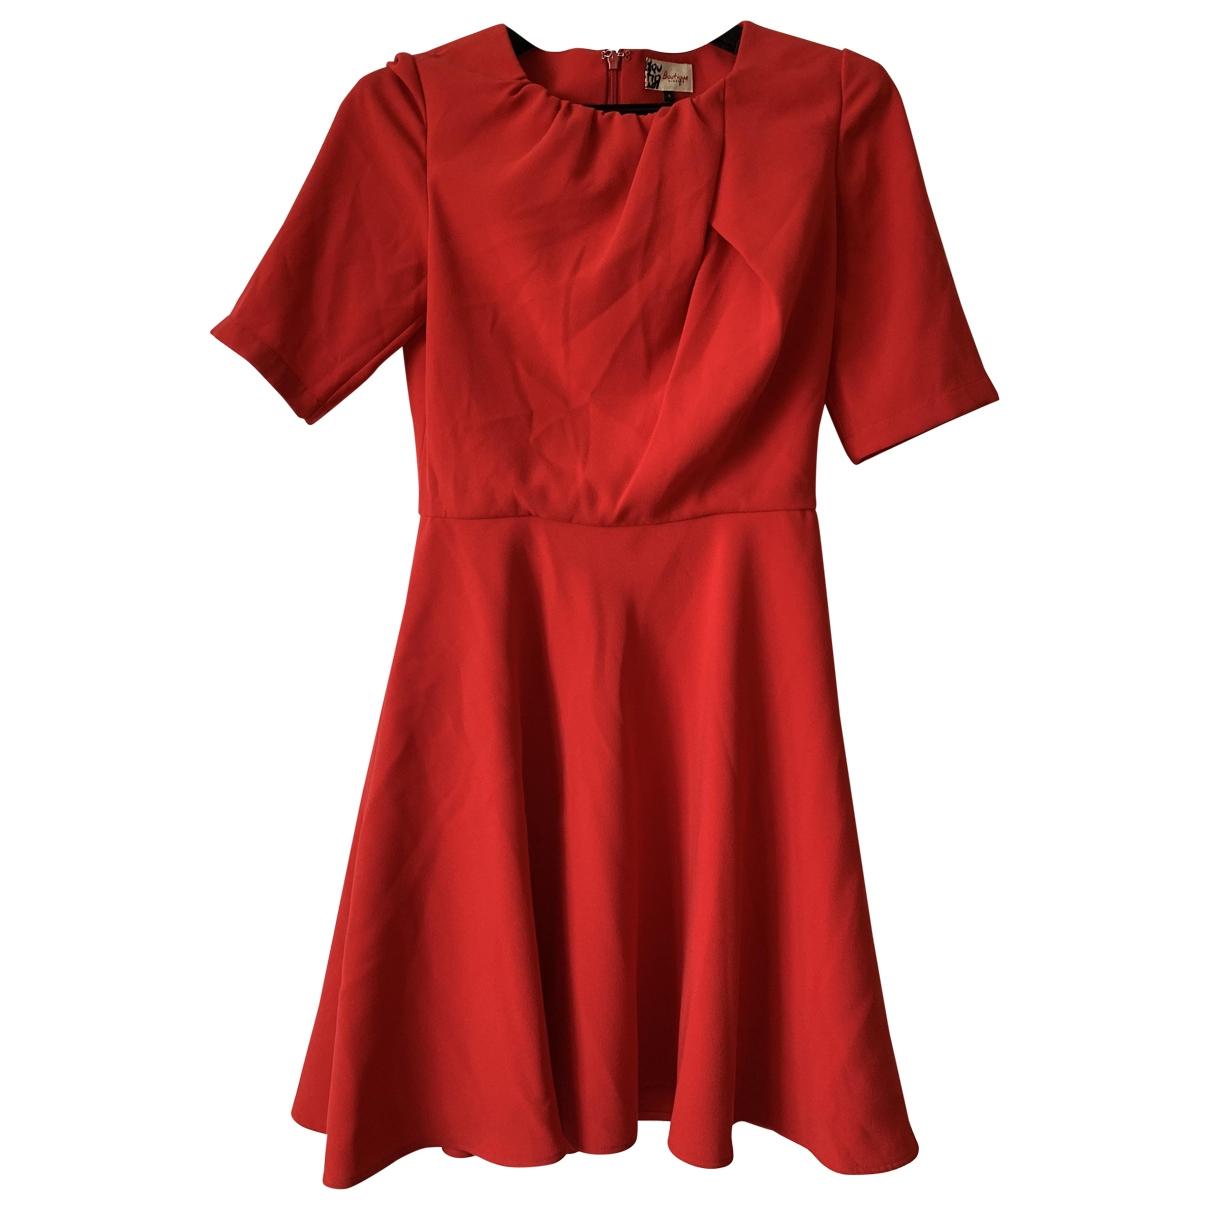 Jaeger \N Kleid in  Rot Polyester